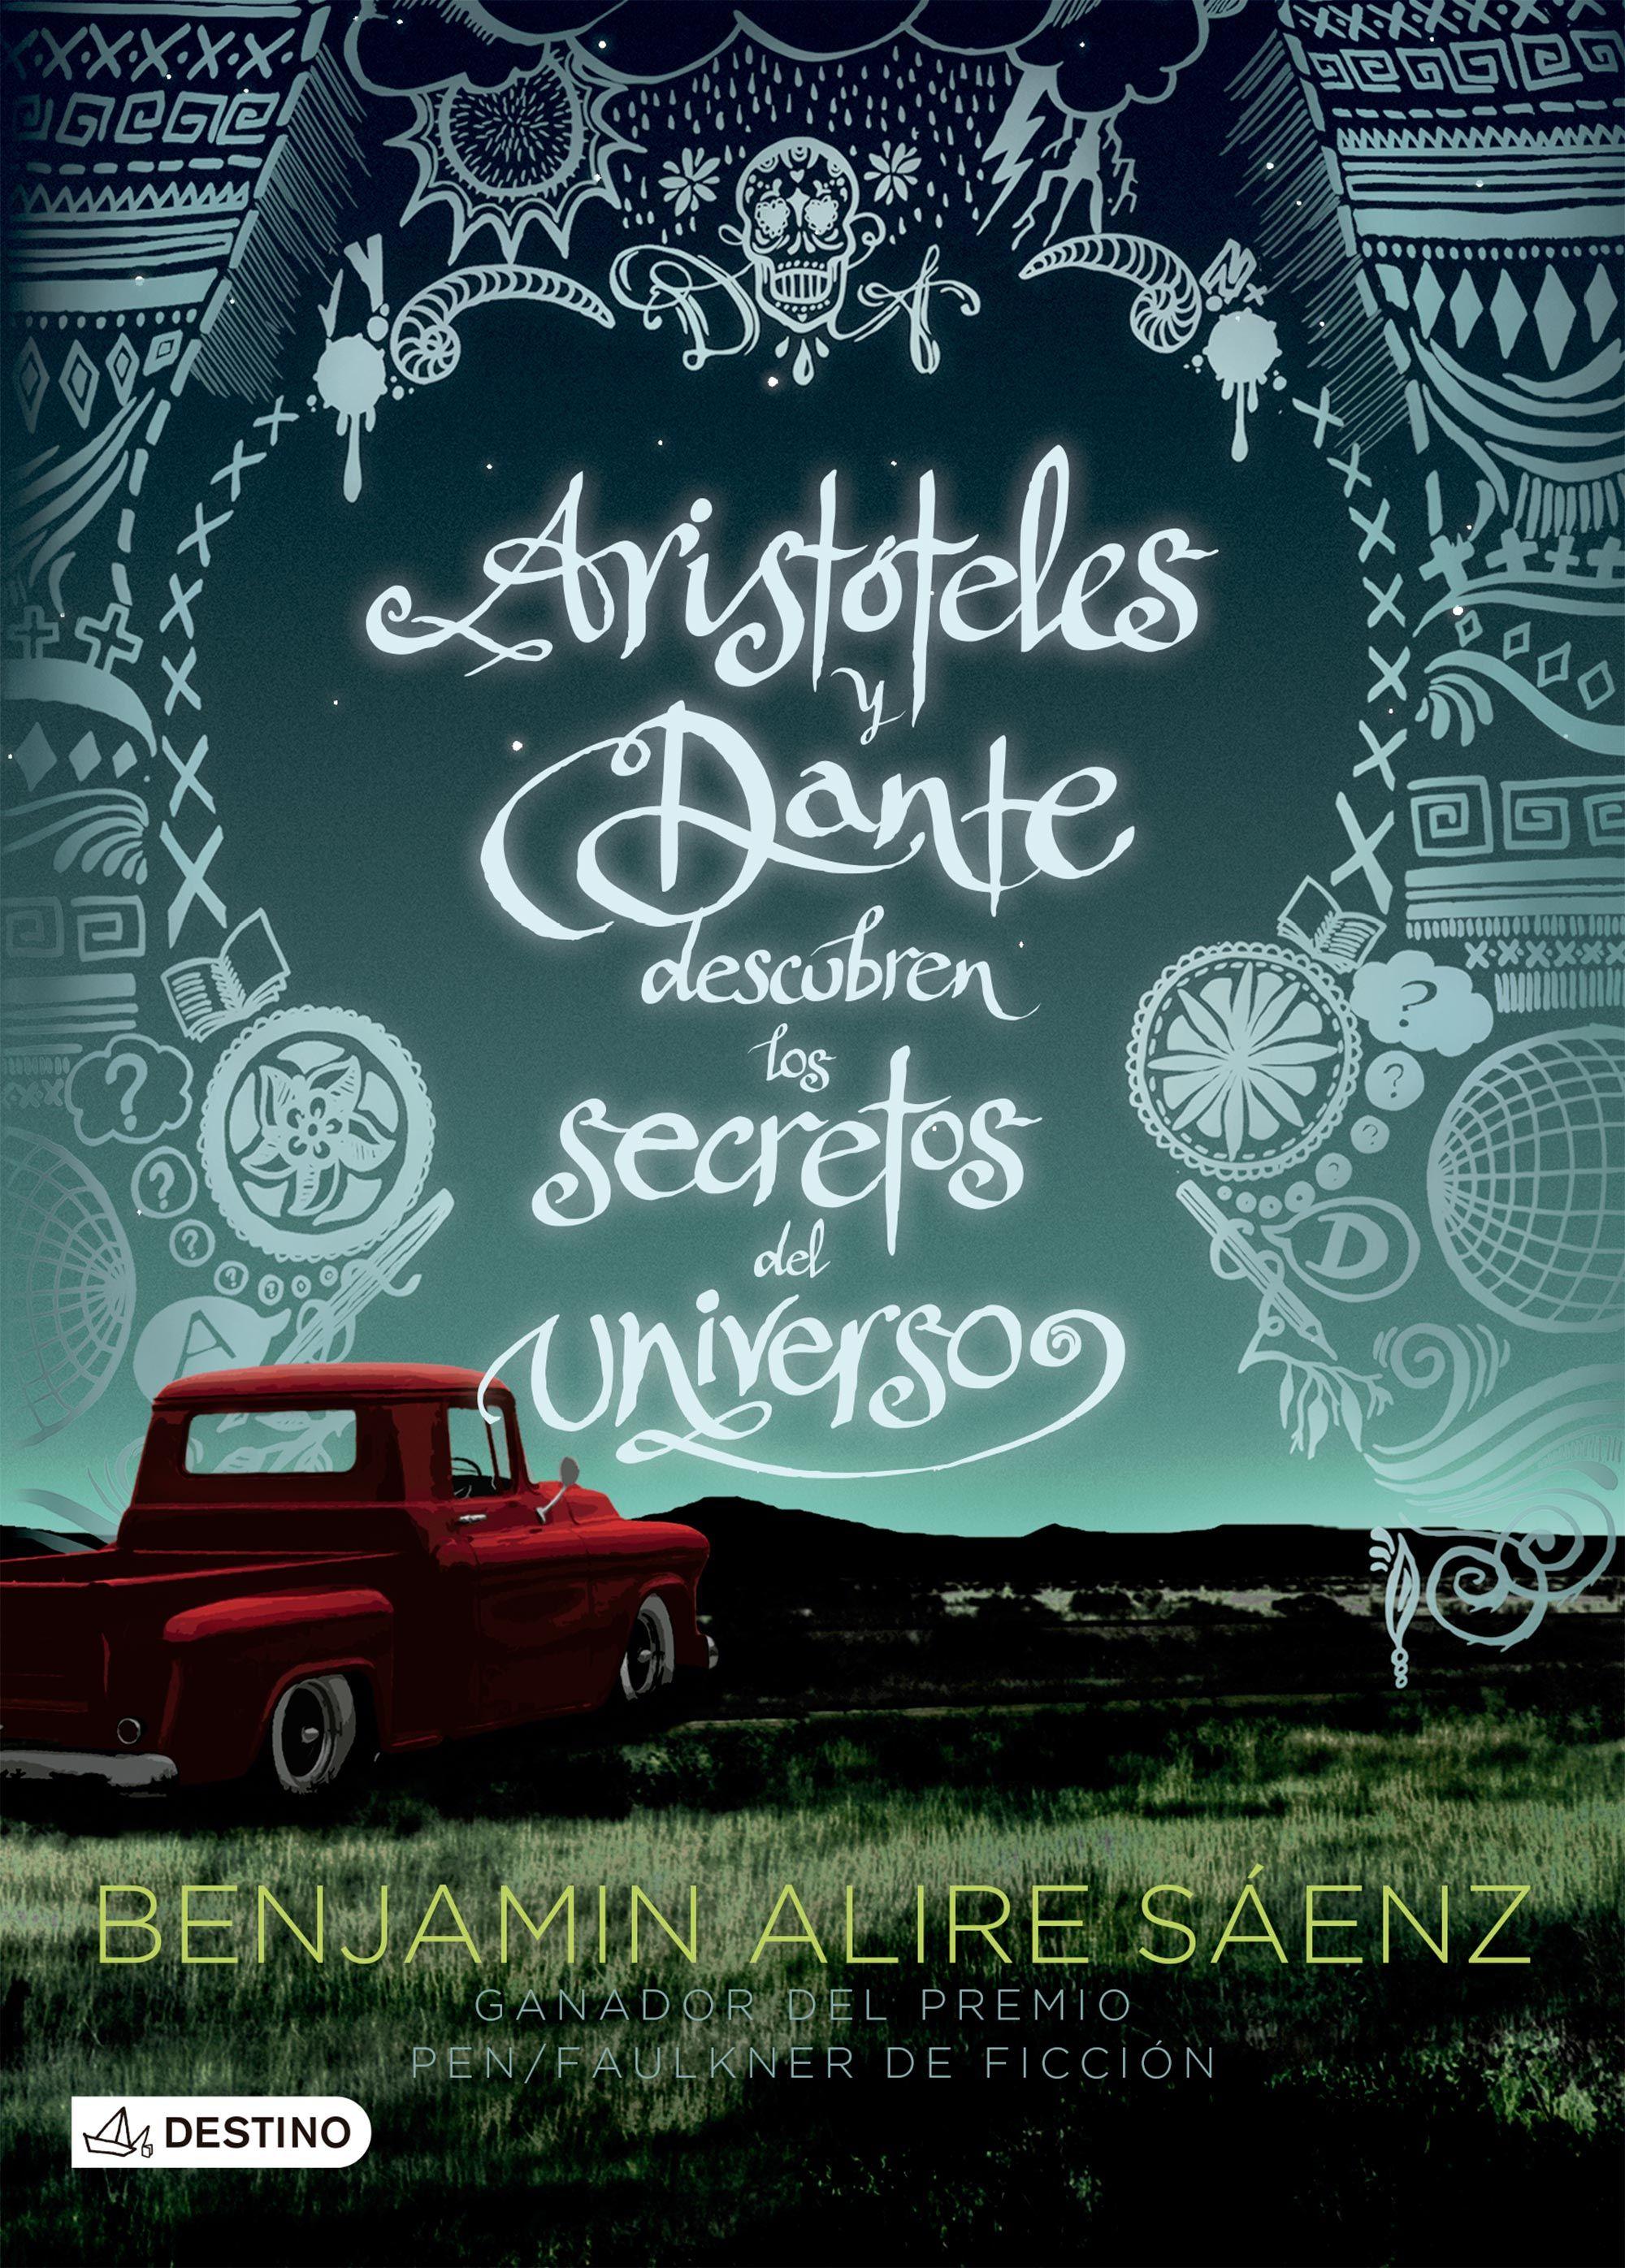 Aristoteles y Dante Descubren los Secretos del Universo - Benjamin Alire Saenz - Destino